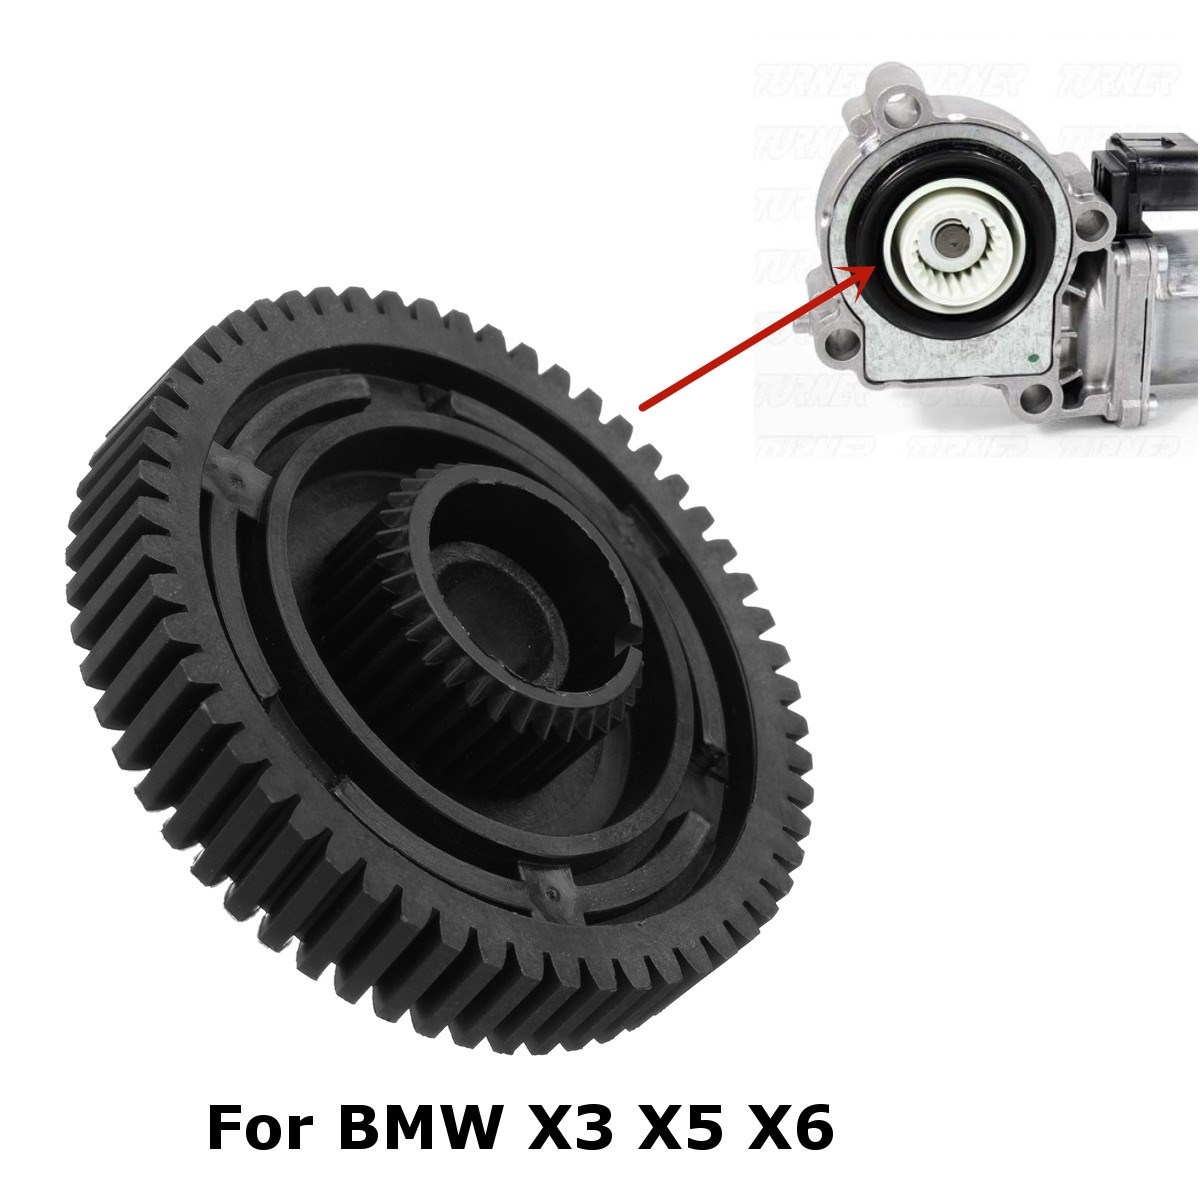 27107566296 Caso De Transferência Do Motor Caixa de Velocidades Servo Atuador Do Reparo Do Carro Para BMW X3 X5 X6 E83 E53 E70